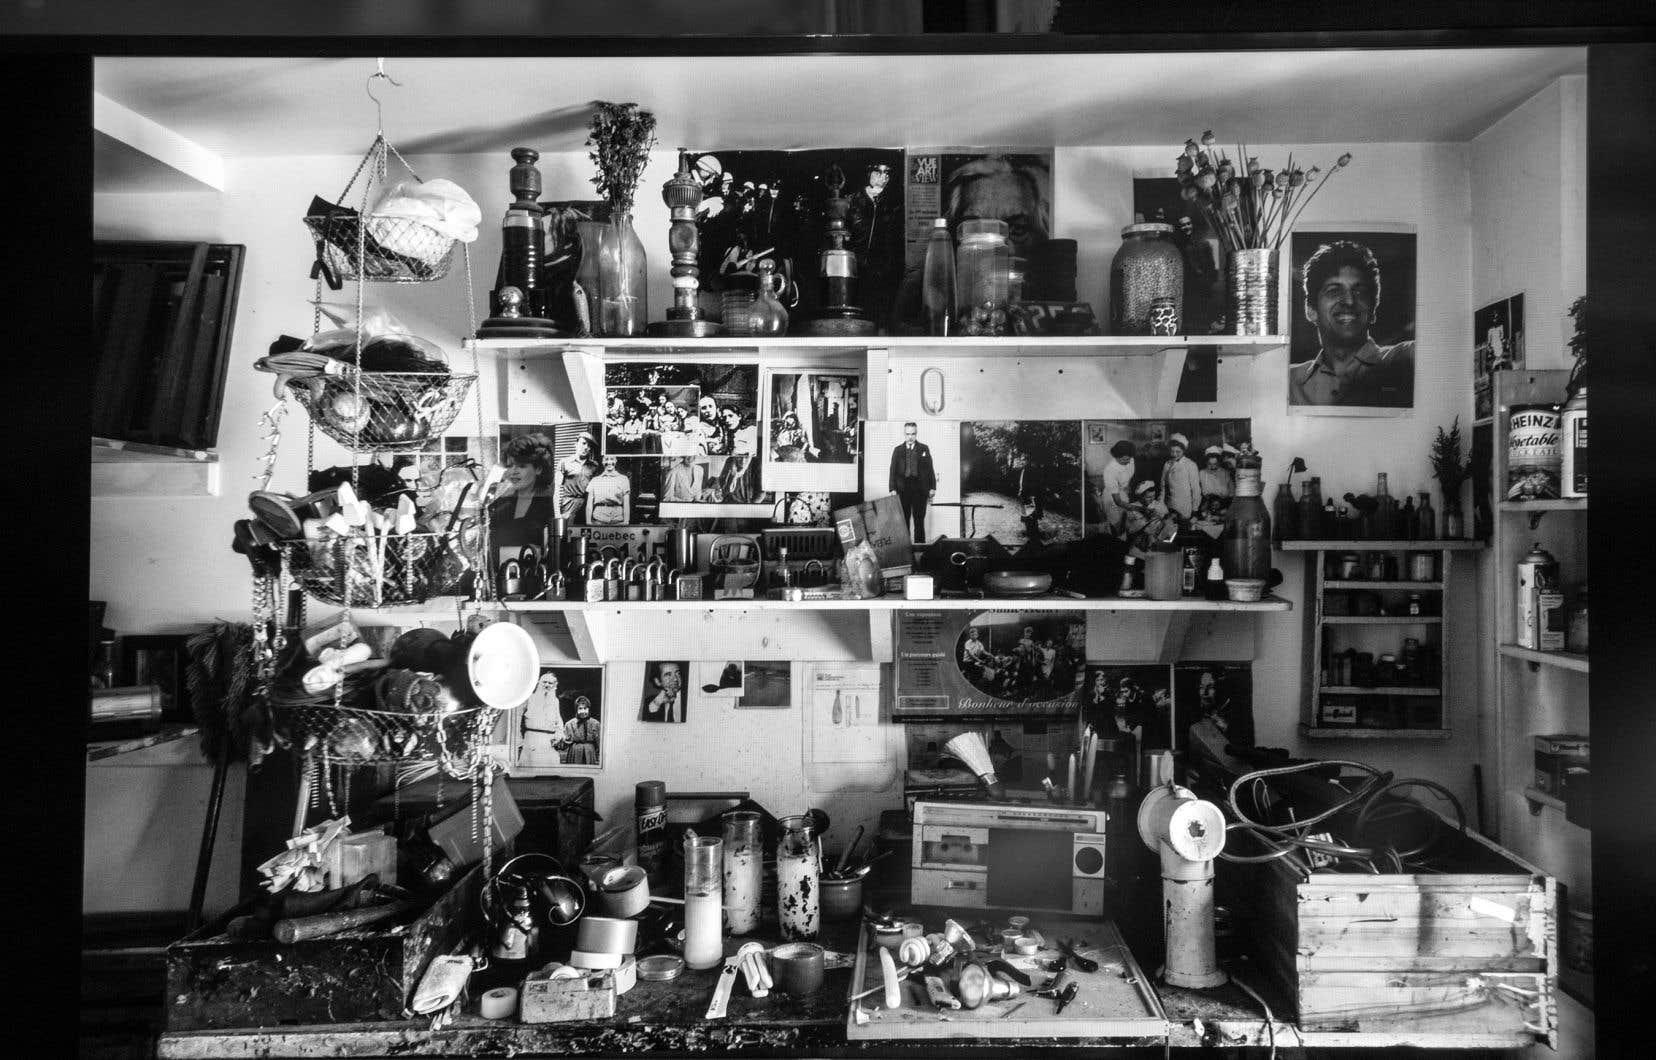 L'atelier de Réjean Ducharme tel qu'il était au jour de son décès.